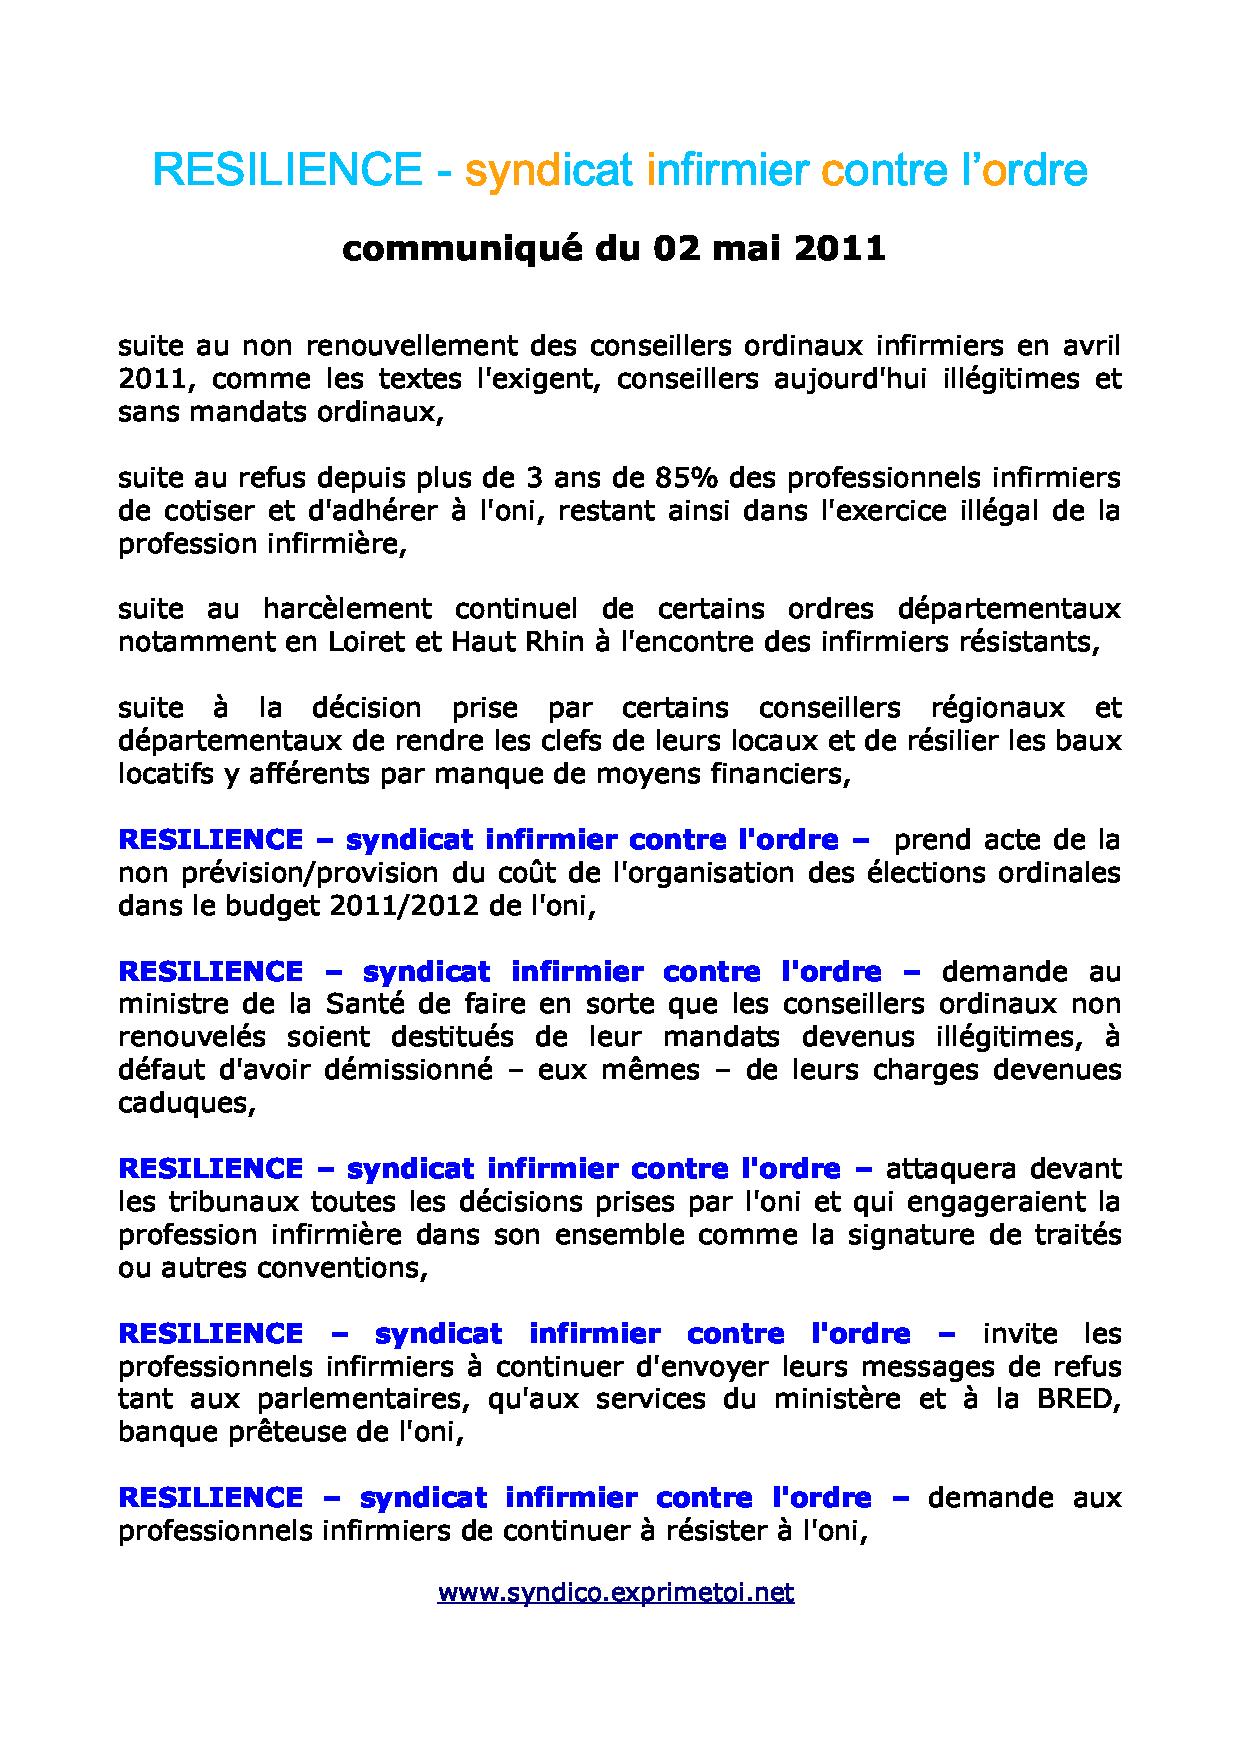 Communiqué RESILIENCE du 02 mai 2011 1105020803221139708093666